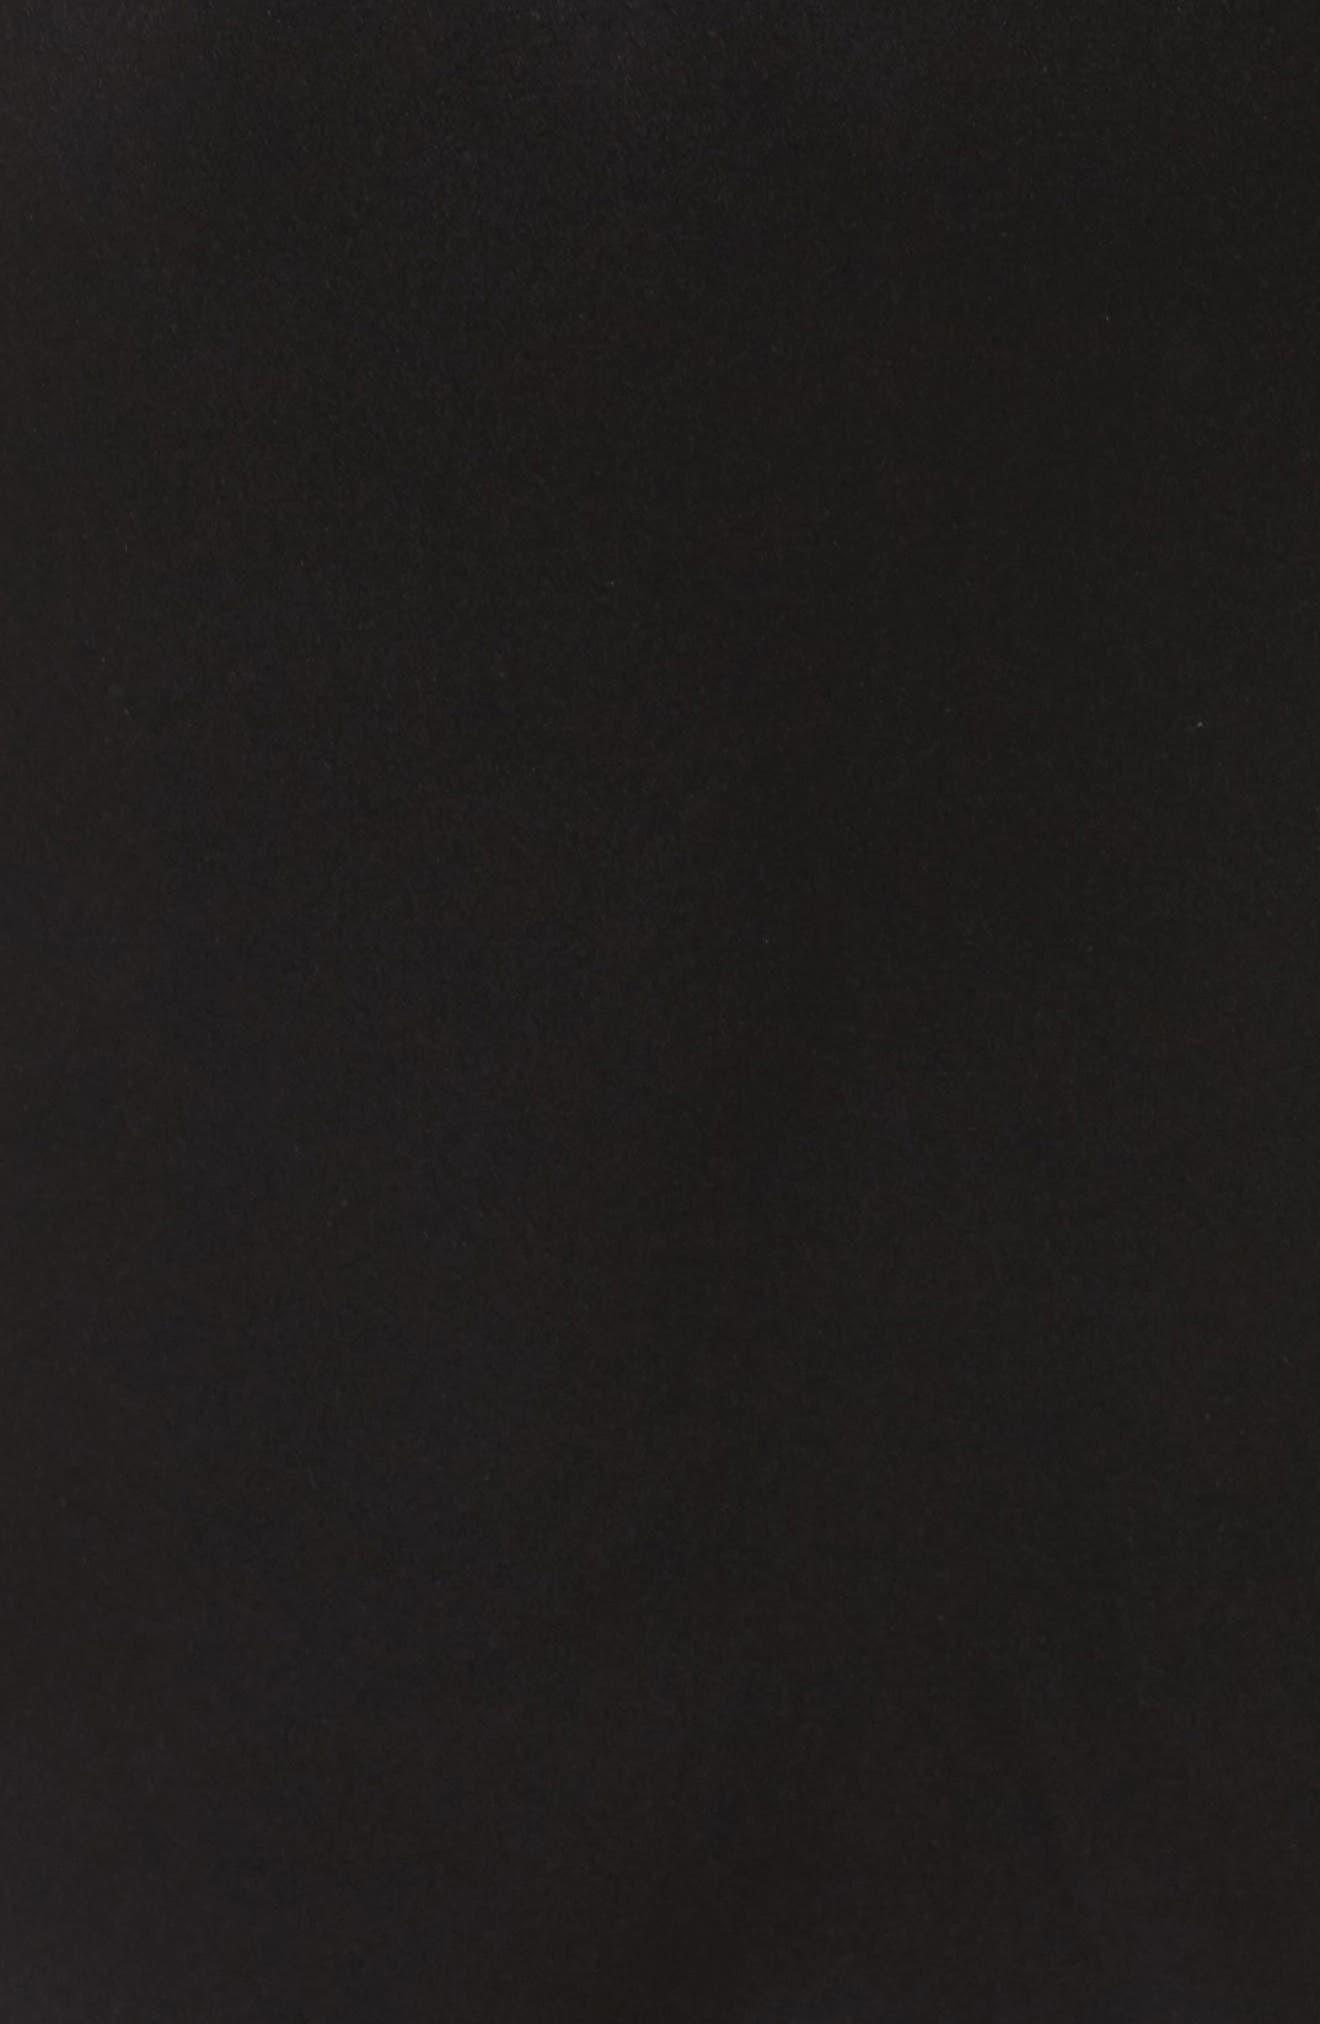 Yukata Lace & Silk Robe,                             Alternate thumbnail 5, color,                             BLACK